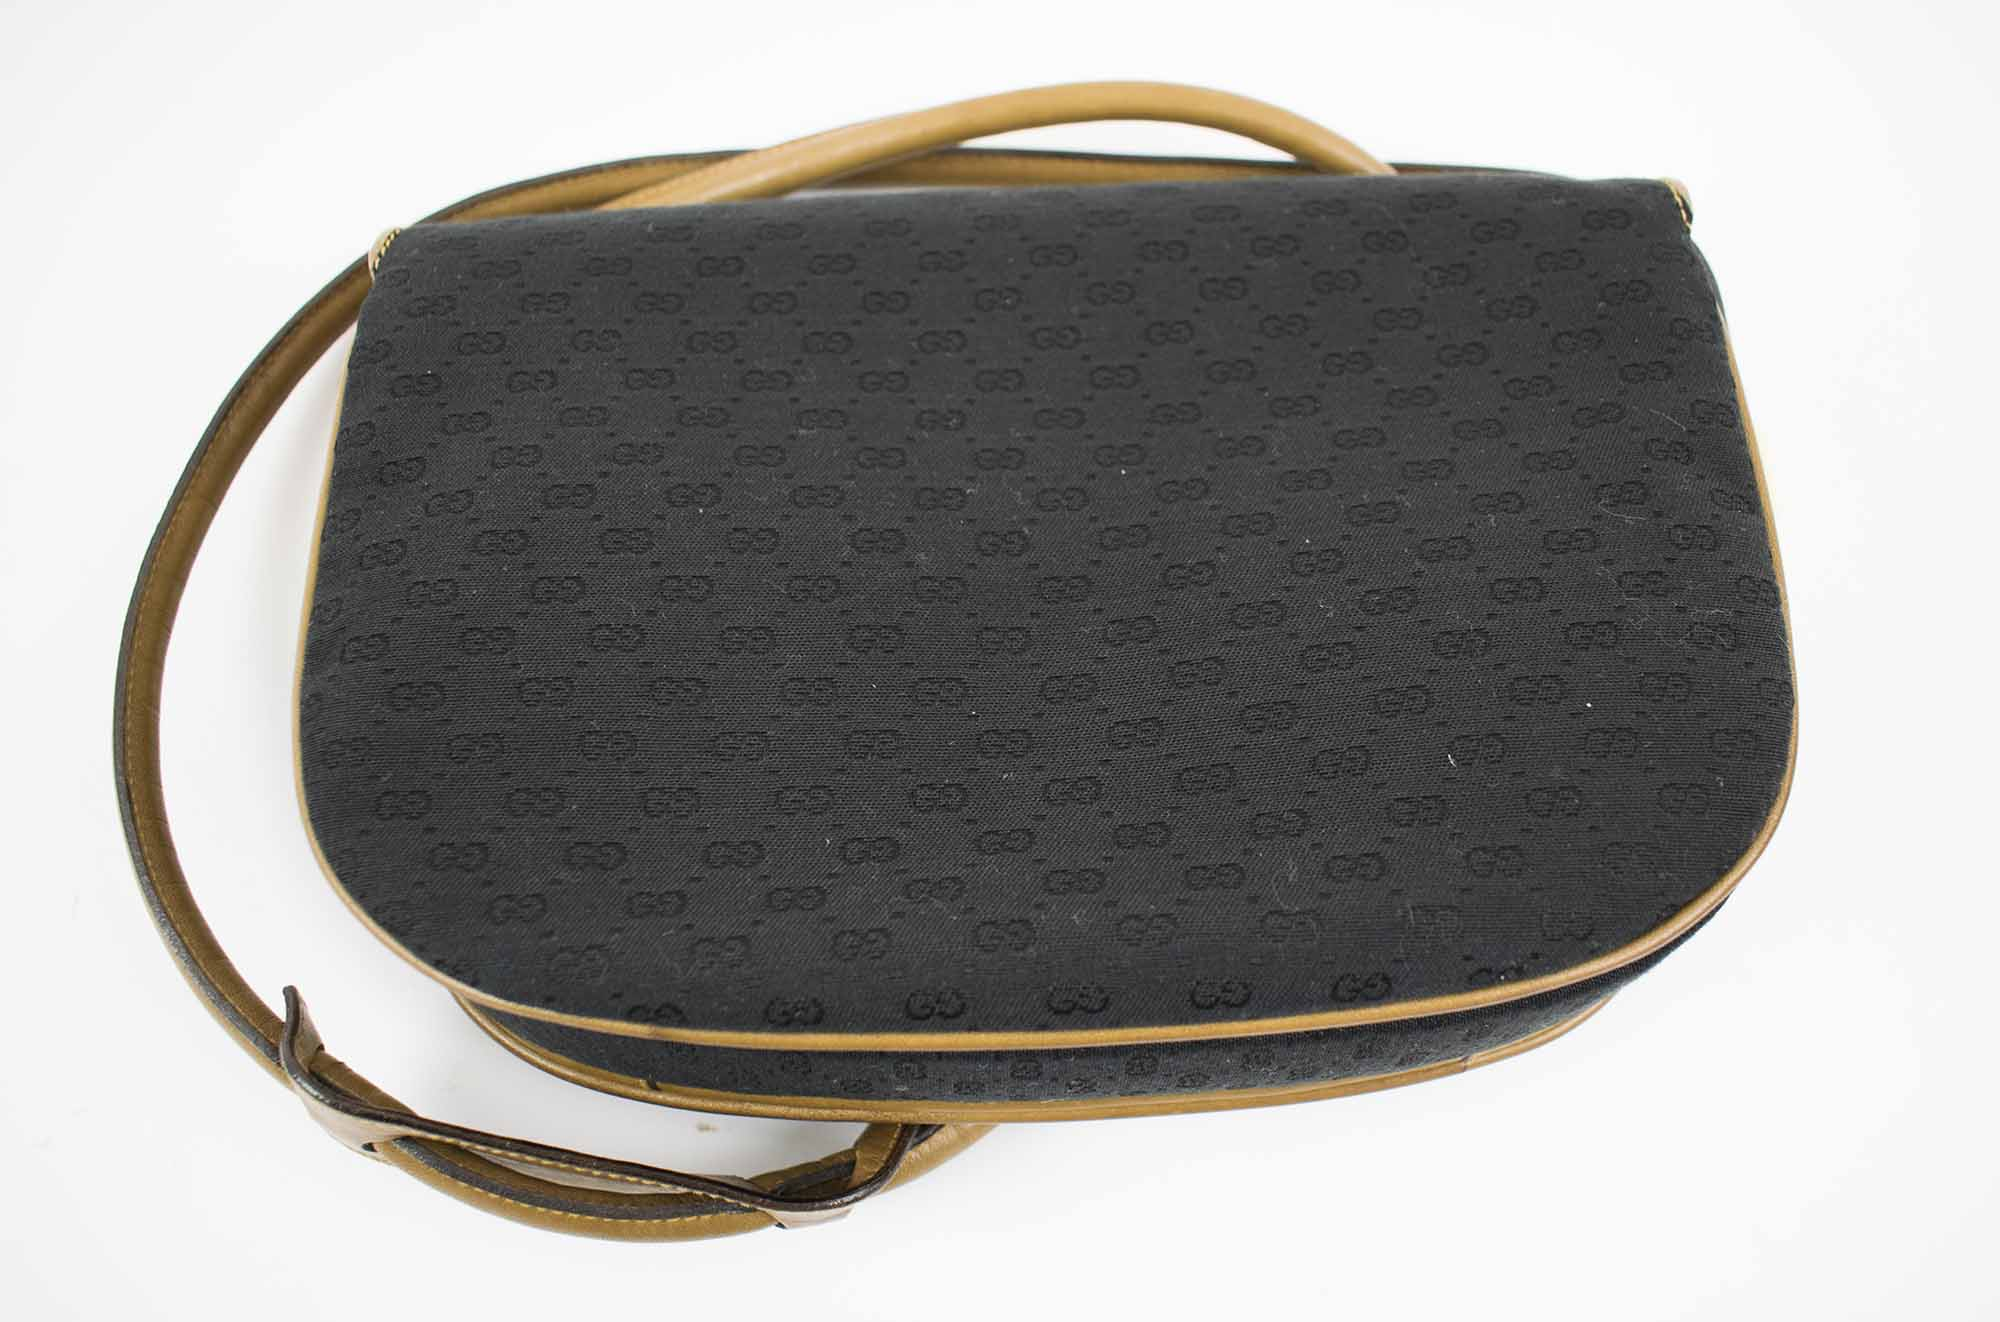 e00bd167fc GUCCI VINTAGE CROSSBODY SHOULDER BAG